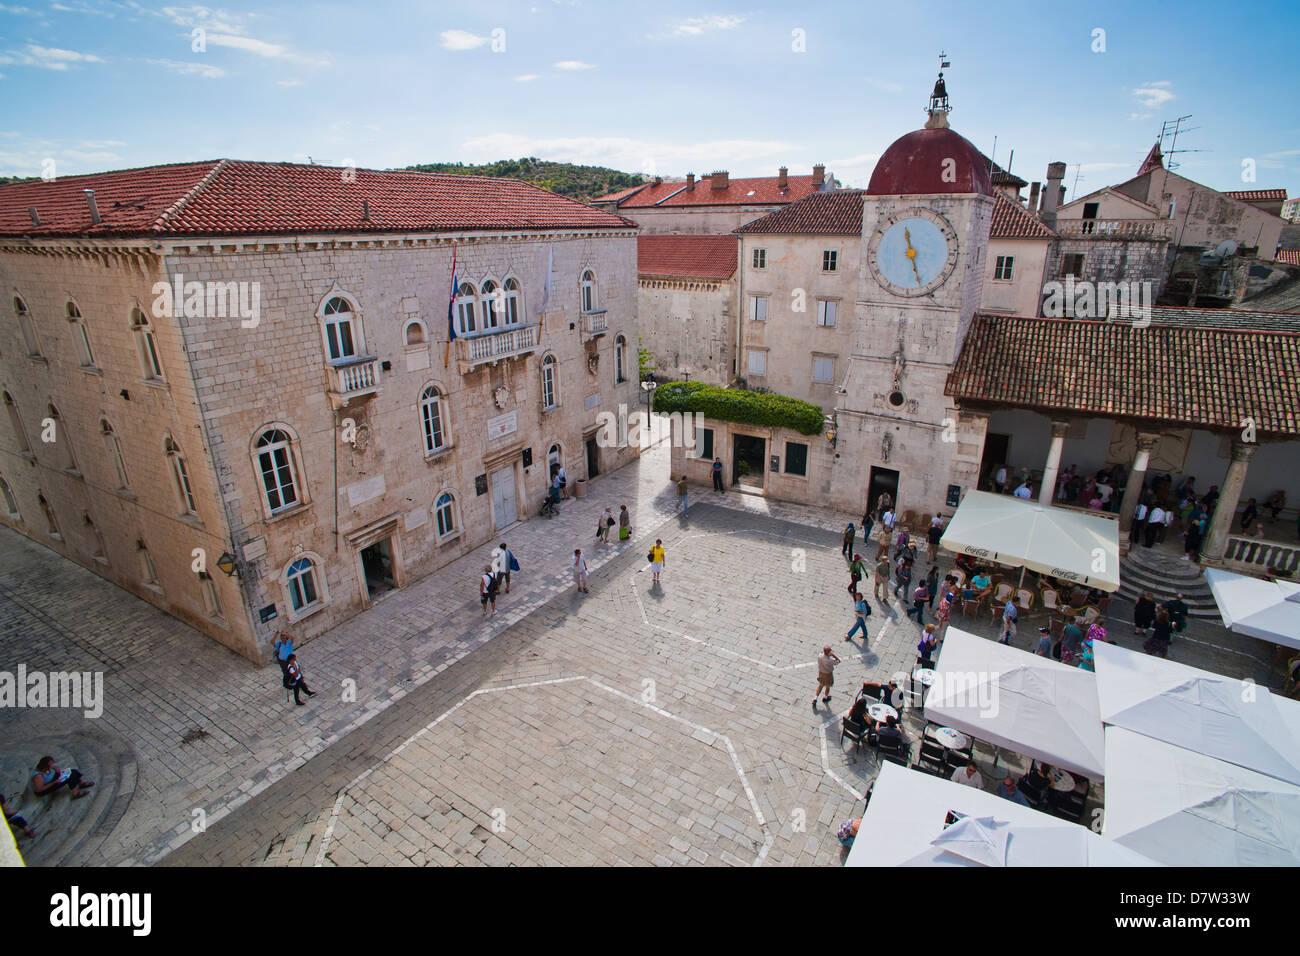 Loggia und St. Lawrence Square angesehen von der St.-Laurentius-Kathedrale, Trogir, UNESCO-Weltkulturerbe, Kroatien Stockbild